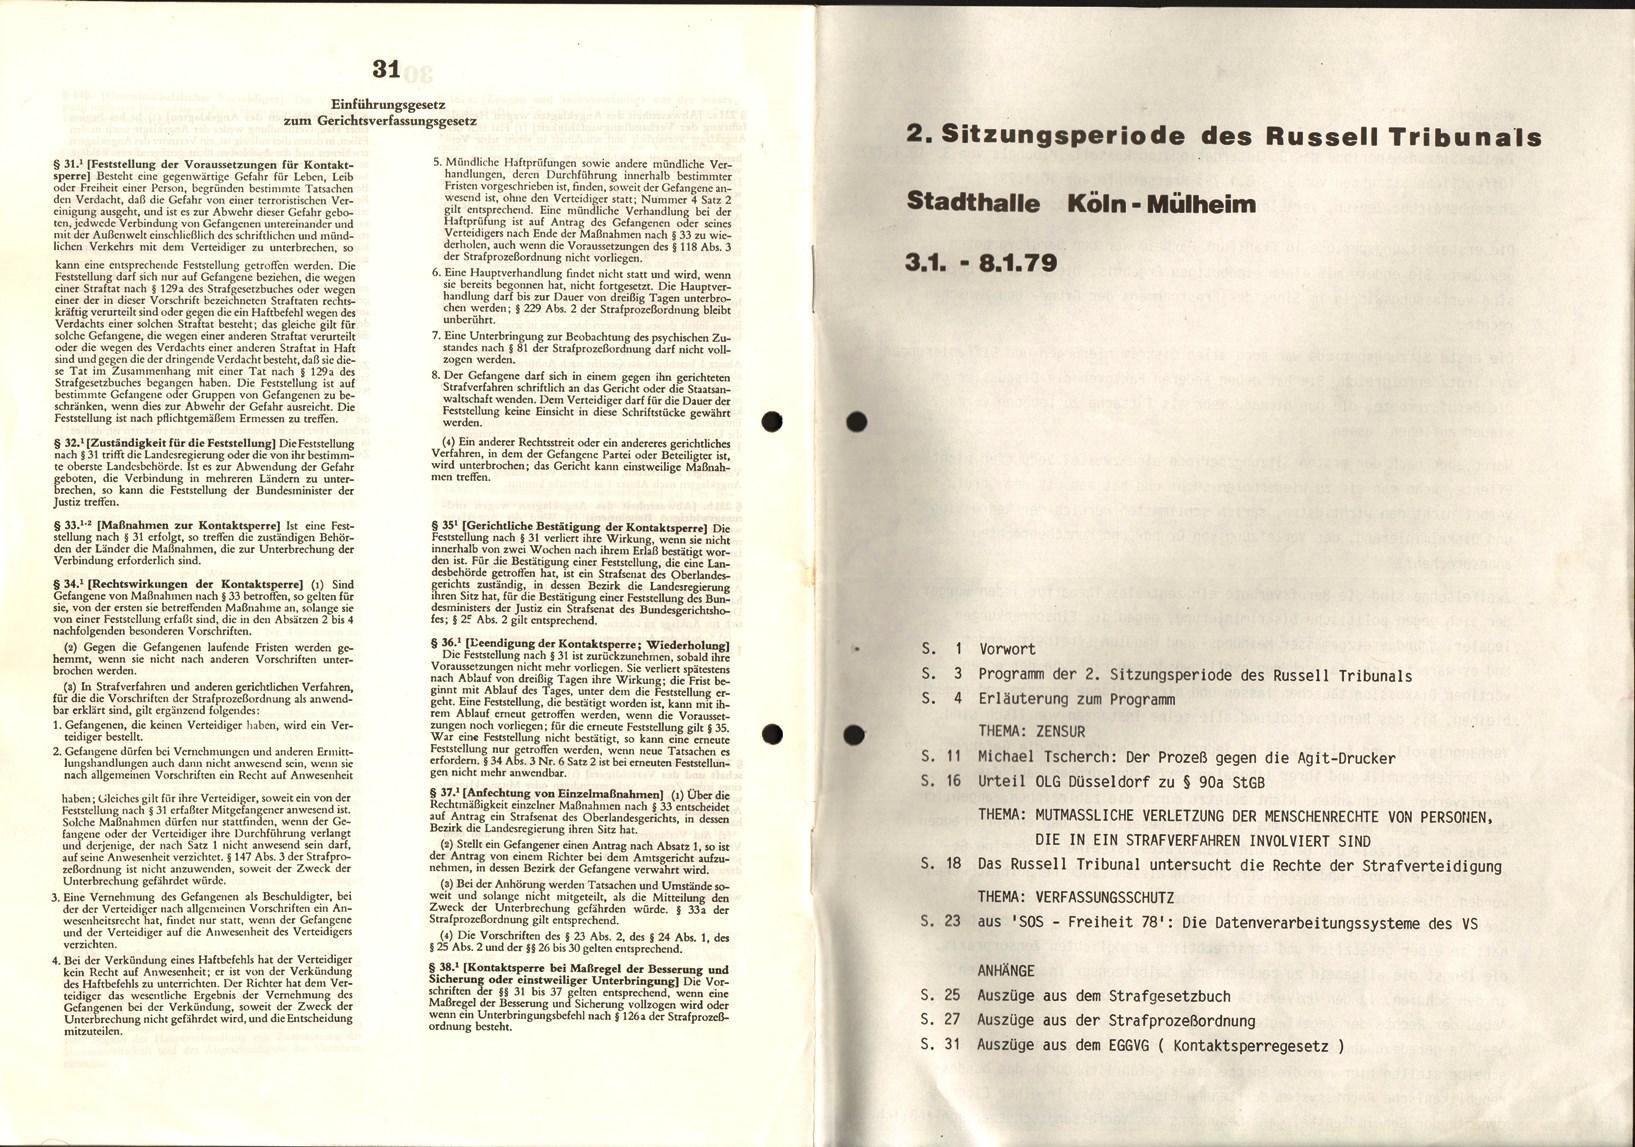 RT_Zur_zweiten_Sitzungsperiode_1979_01